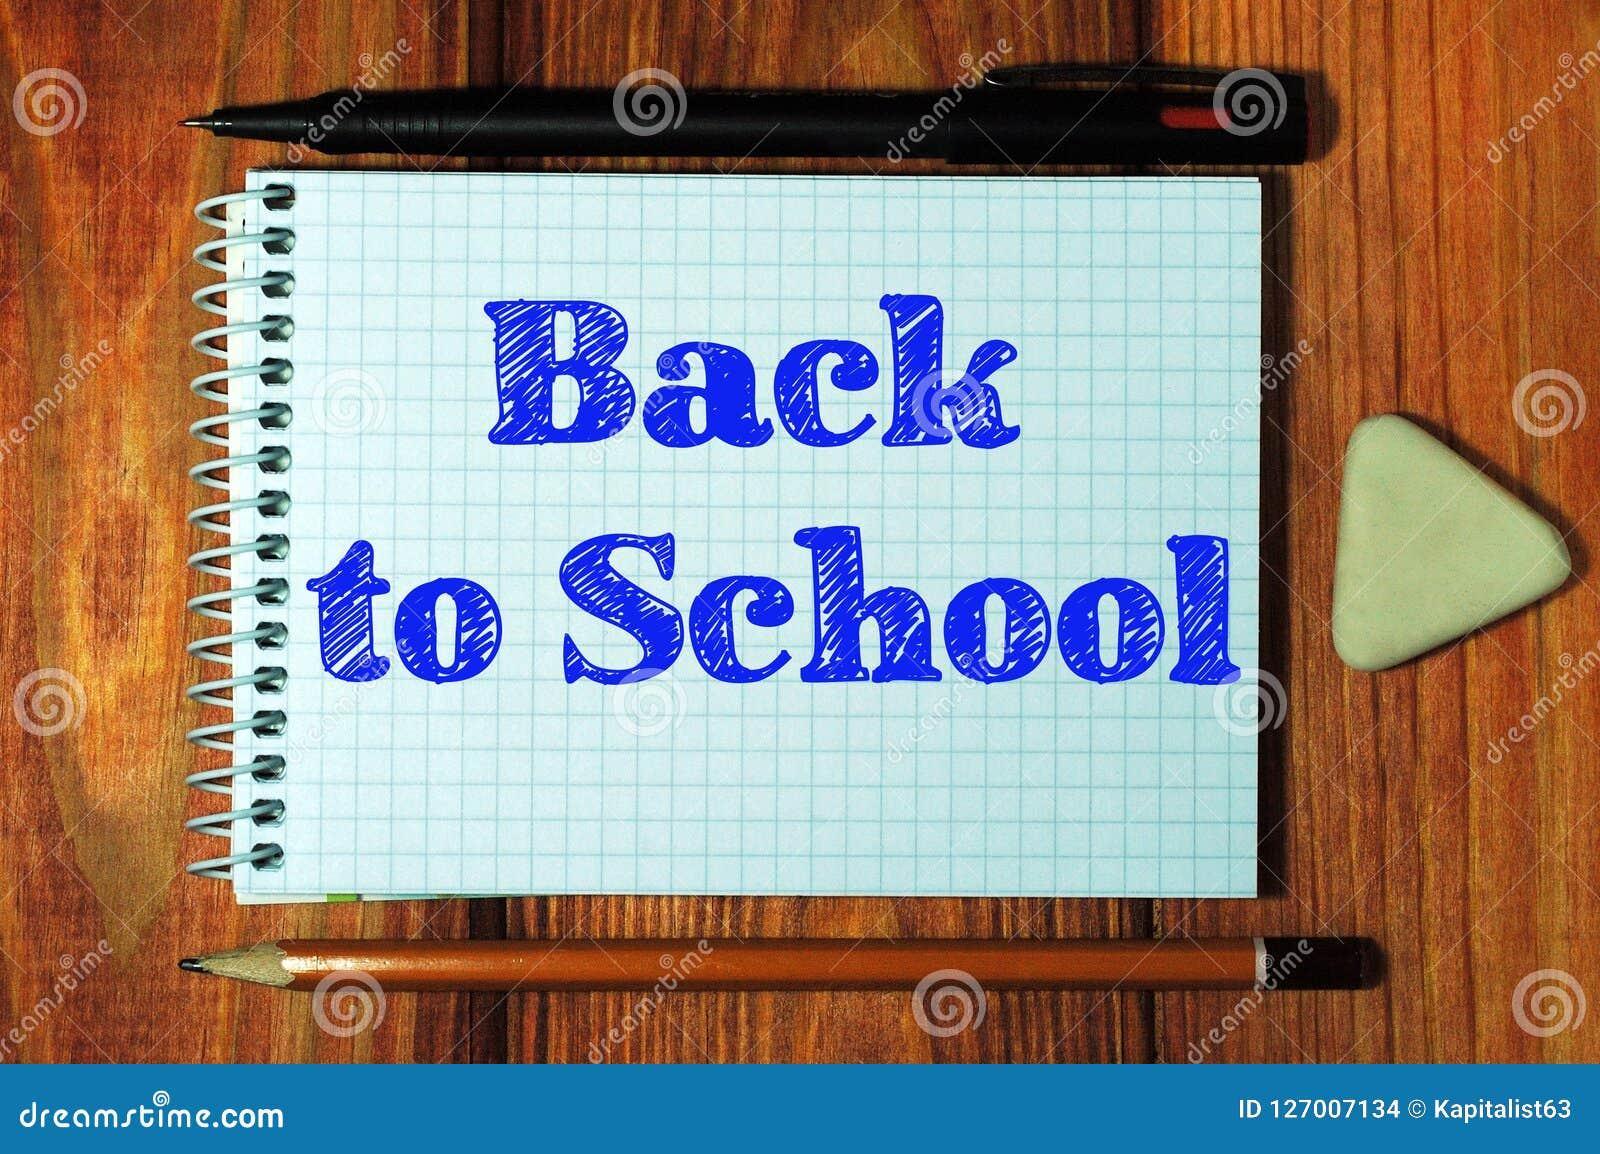 Imagen compuesta de la imagen digital de nuevo al texto de escuela